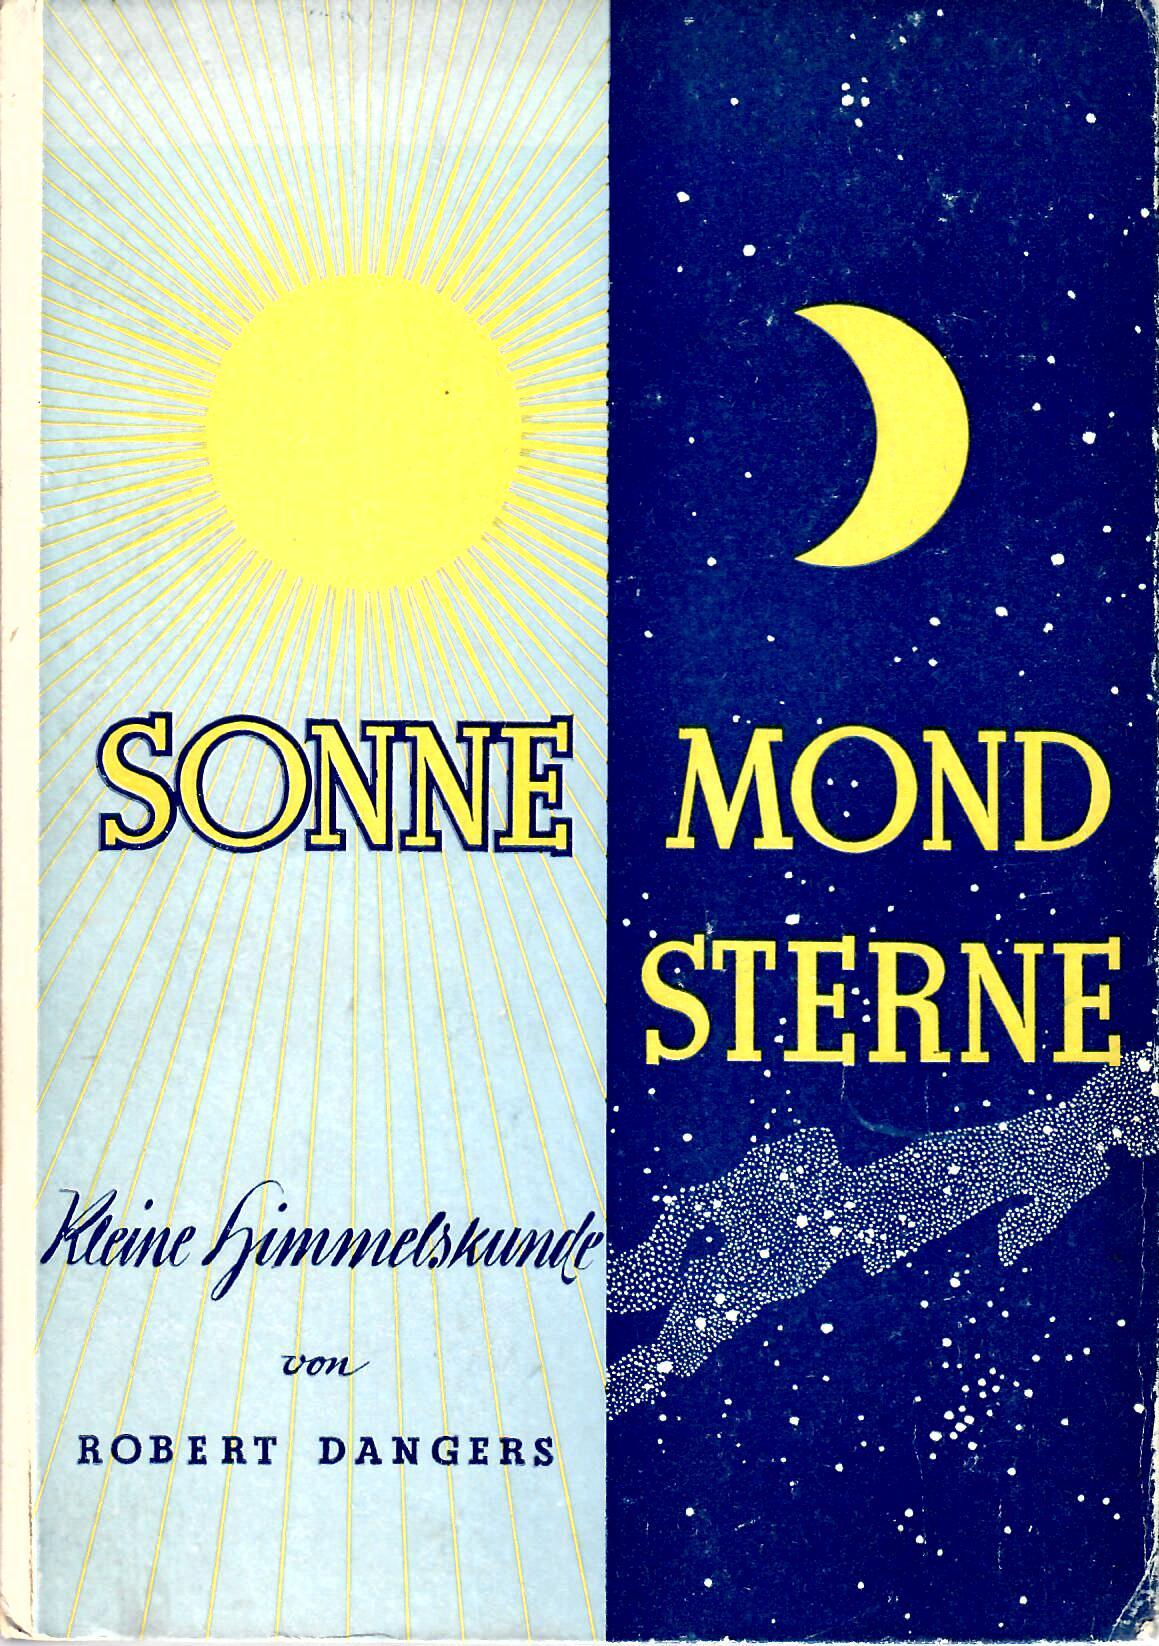 Sonne, Mond, Sterne : Kleine Himmelskunde von Robert Dangers : Verlag Kemper Heidelberg 1948 : Zustand sehr gut : Aus dem Nachlass von Dr. Ivan Diehl :